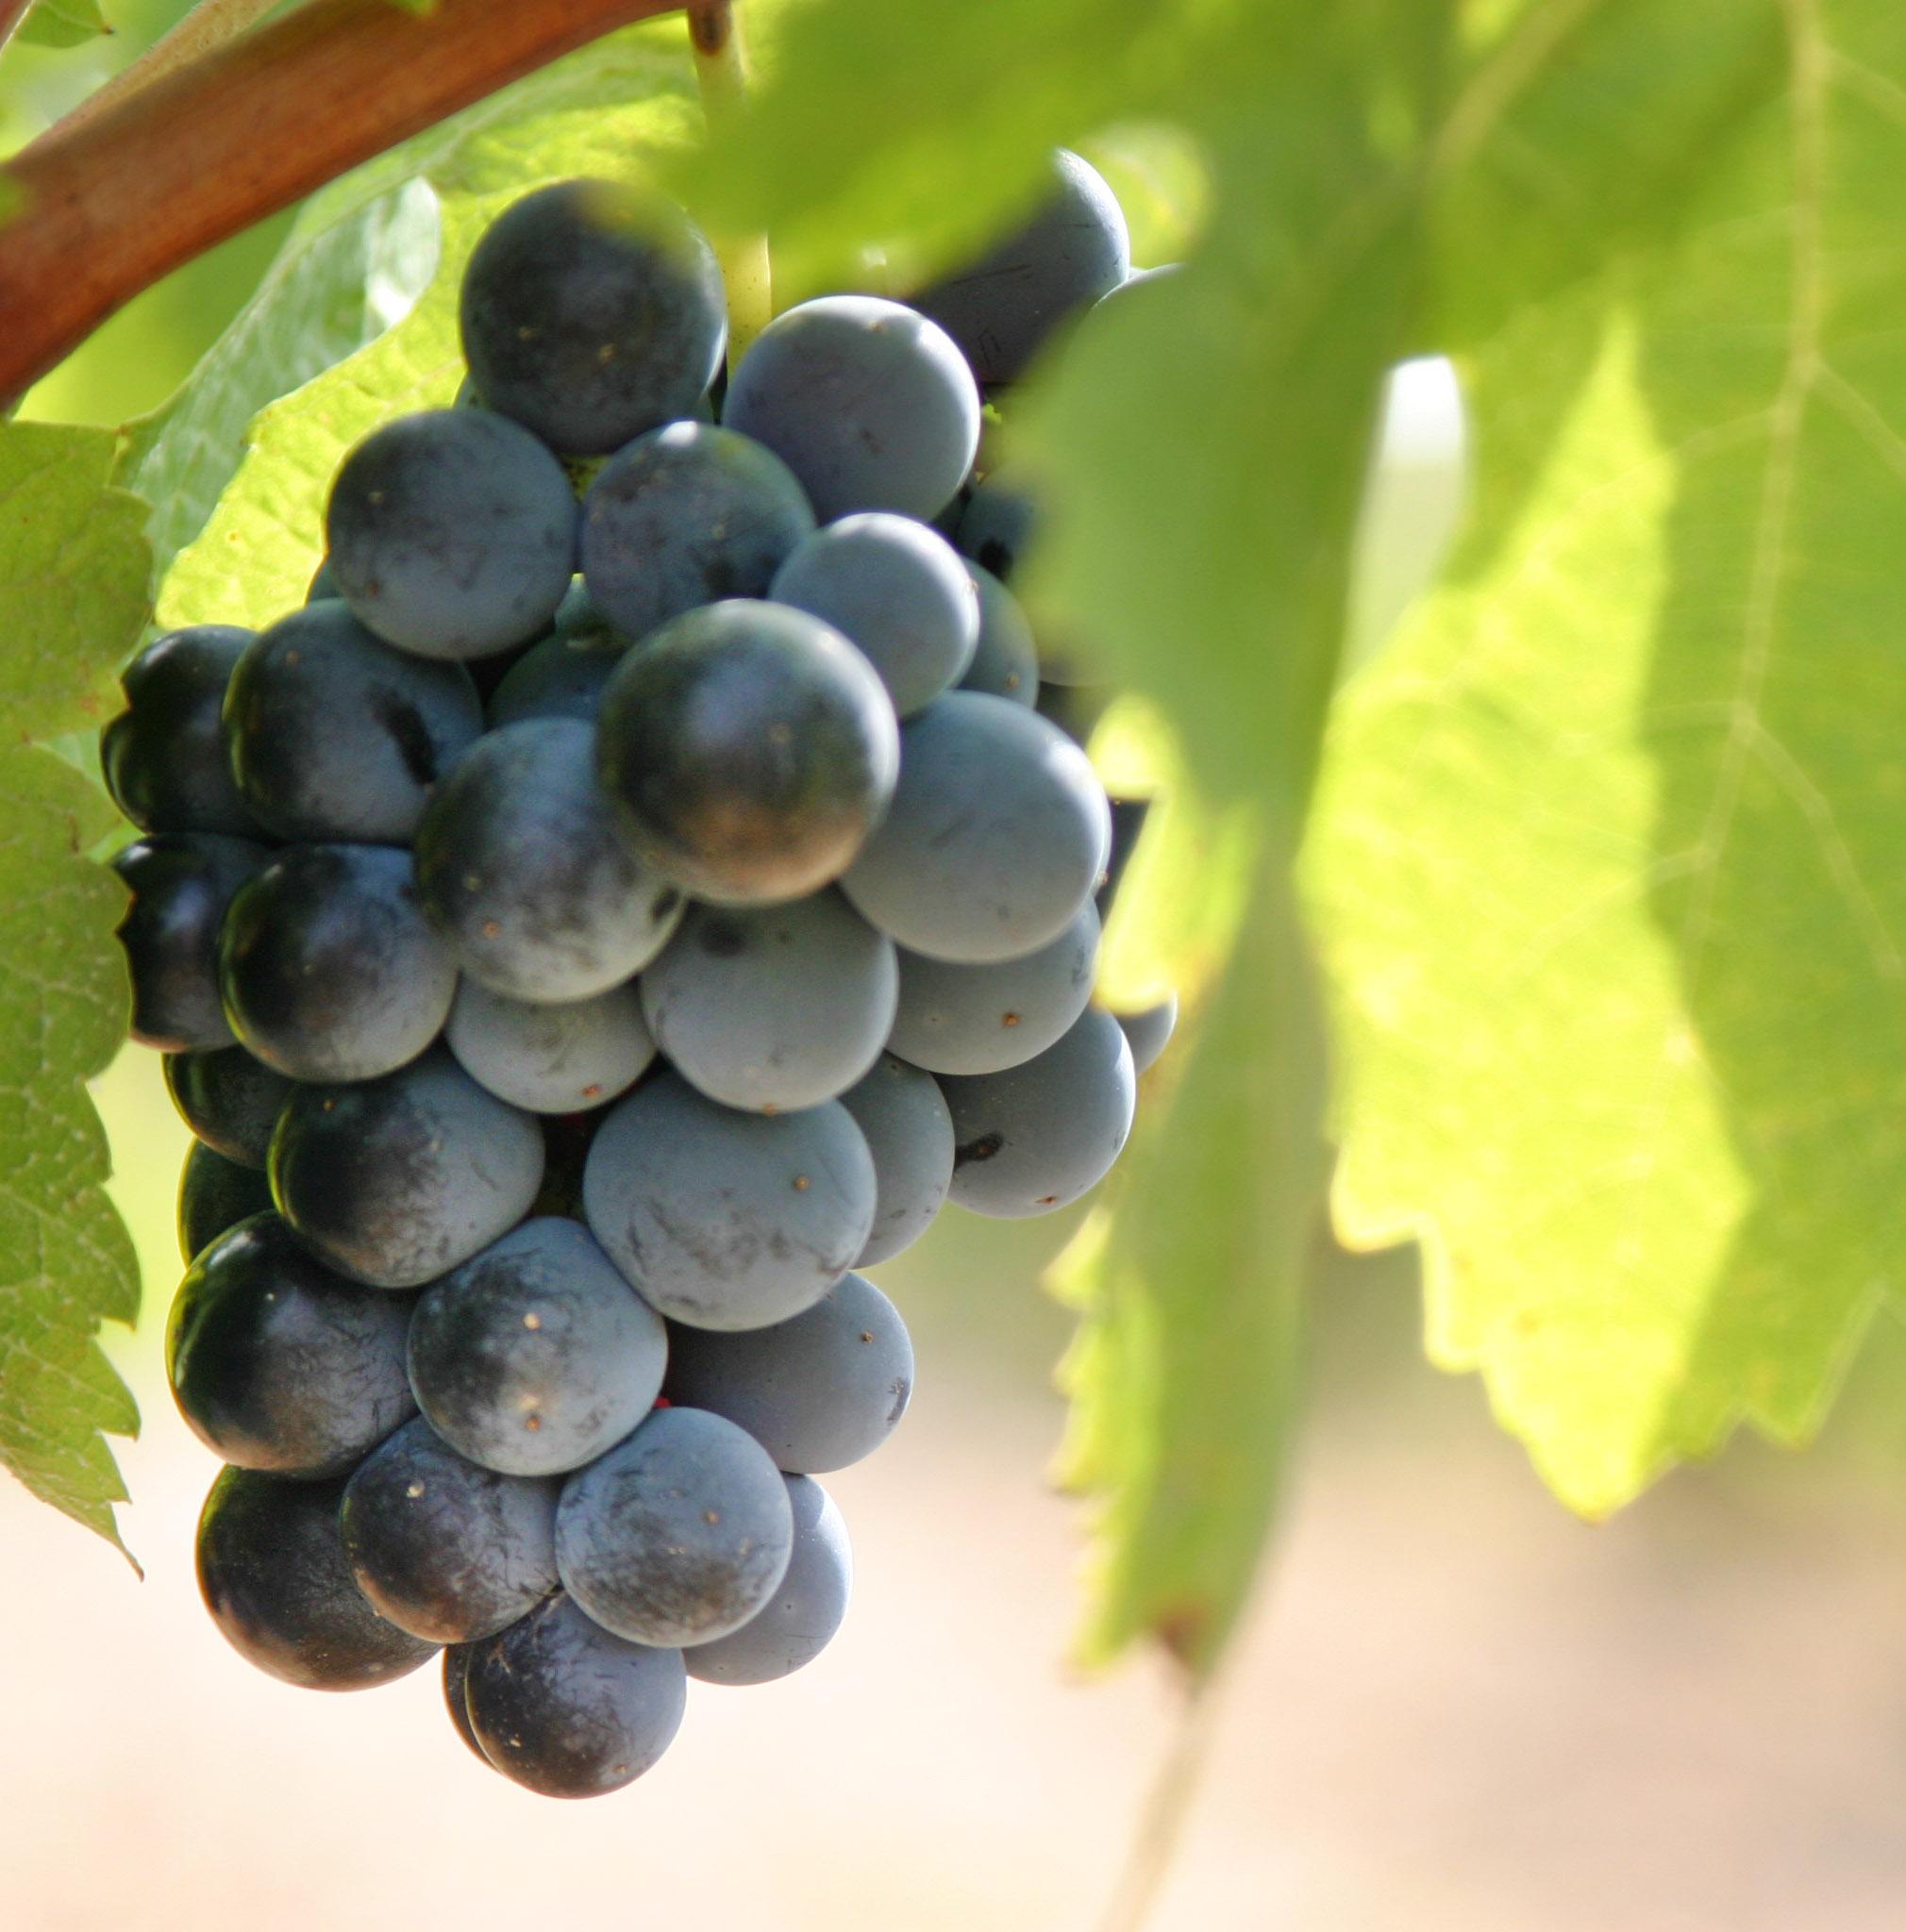 Verema raïm vi negre